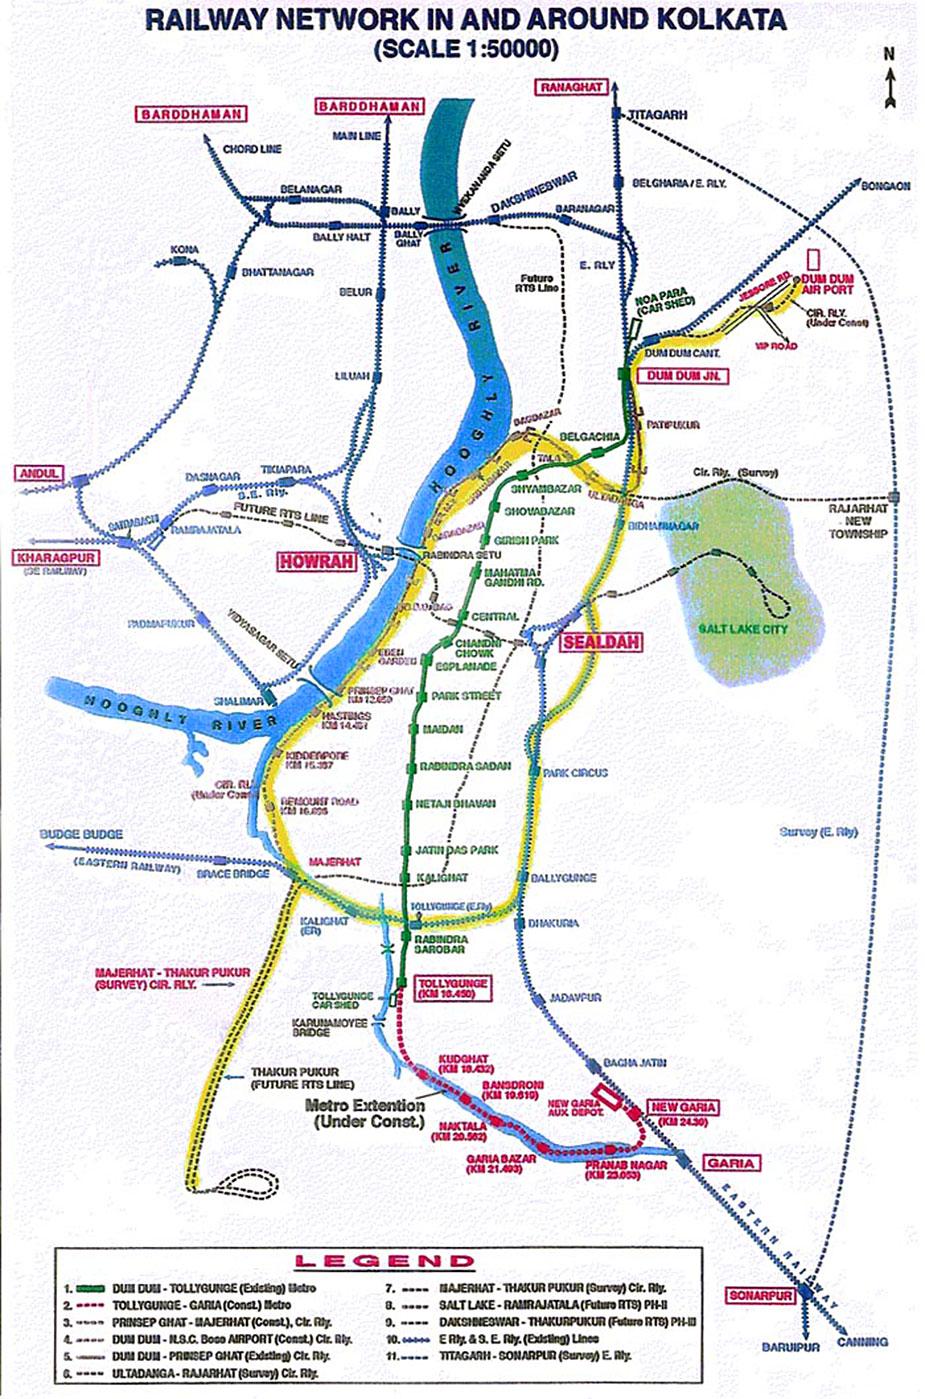 Схема метро Калькутты